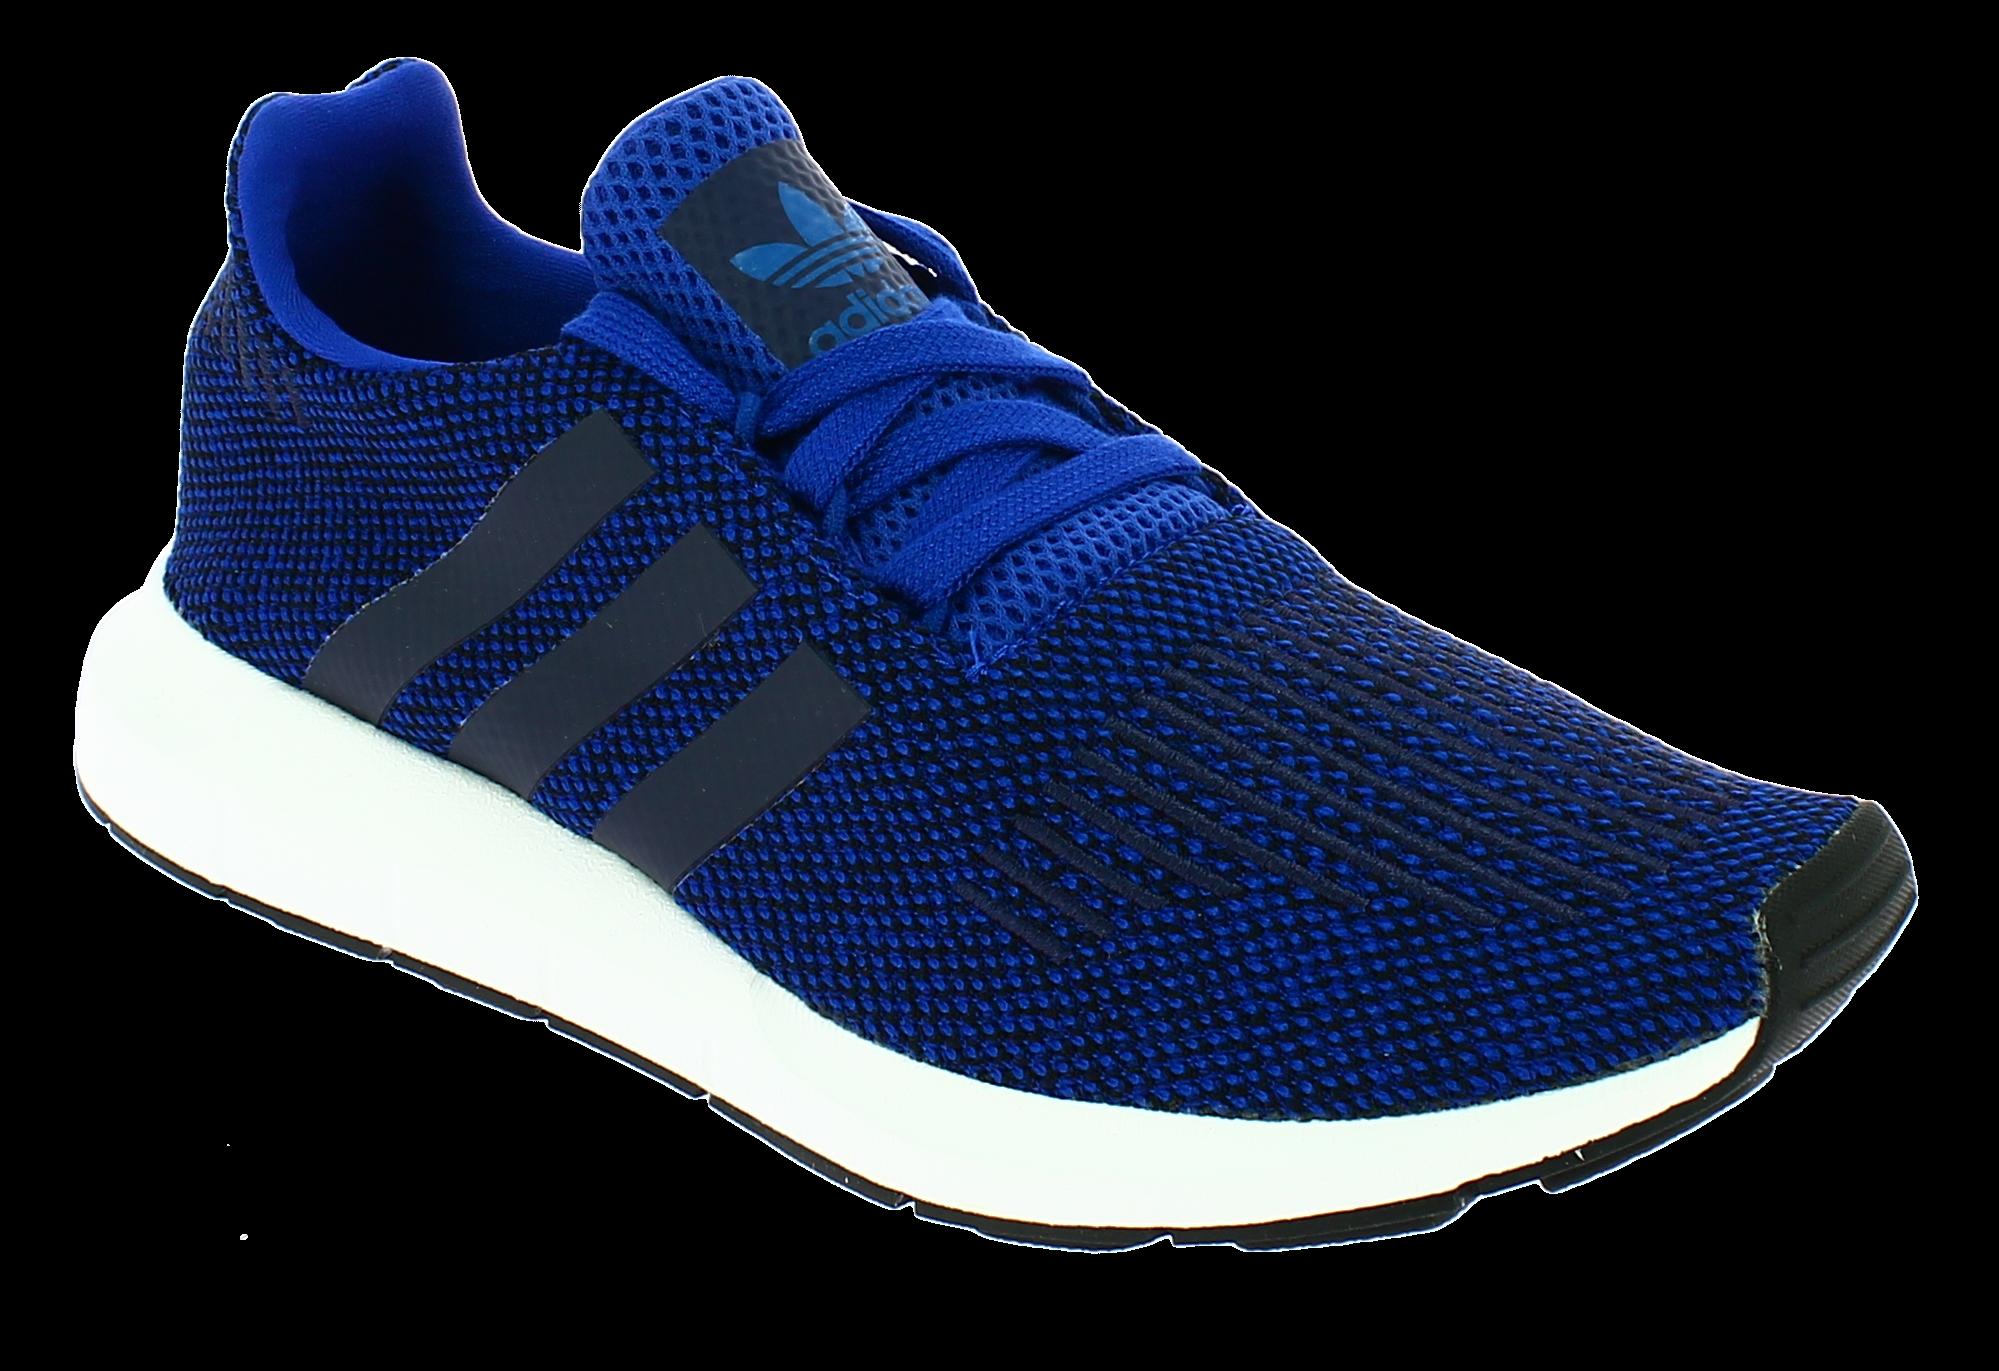 ADIDAS Αγορίστικο Αθλητικό SWIFT RUN J CQ0024 Μπλε - Μπλε - SWIFT RUN J CQ0024 BLUE EXD-ADIDAS-blue-35 1/2/4/1